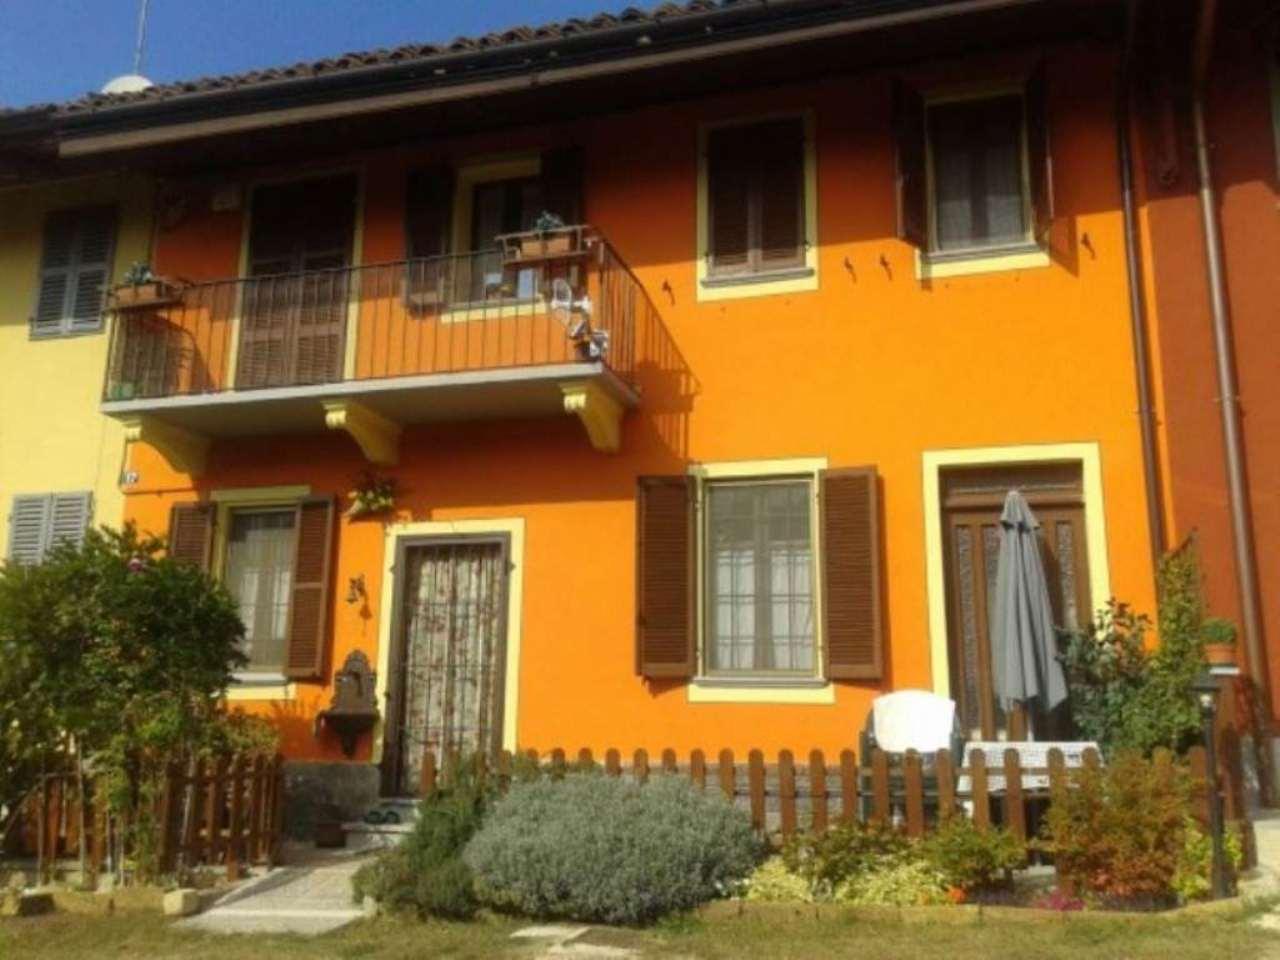 Rustico / Casale in vendita a Castelnuovo Don Bosco, 4 locali, prezzo € 98.000 | Cambio Casa.it